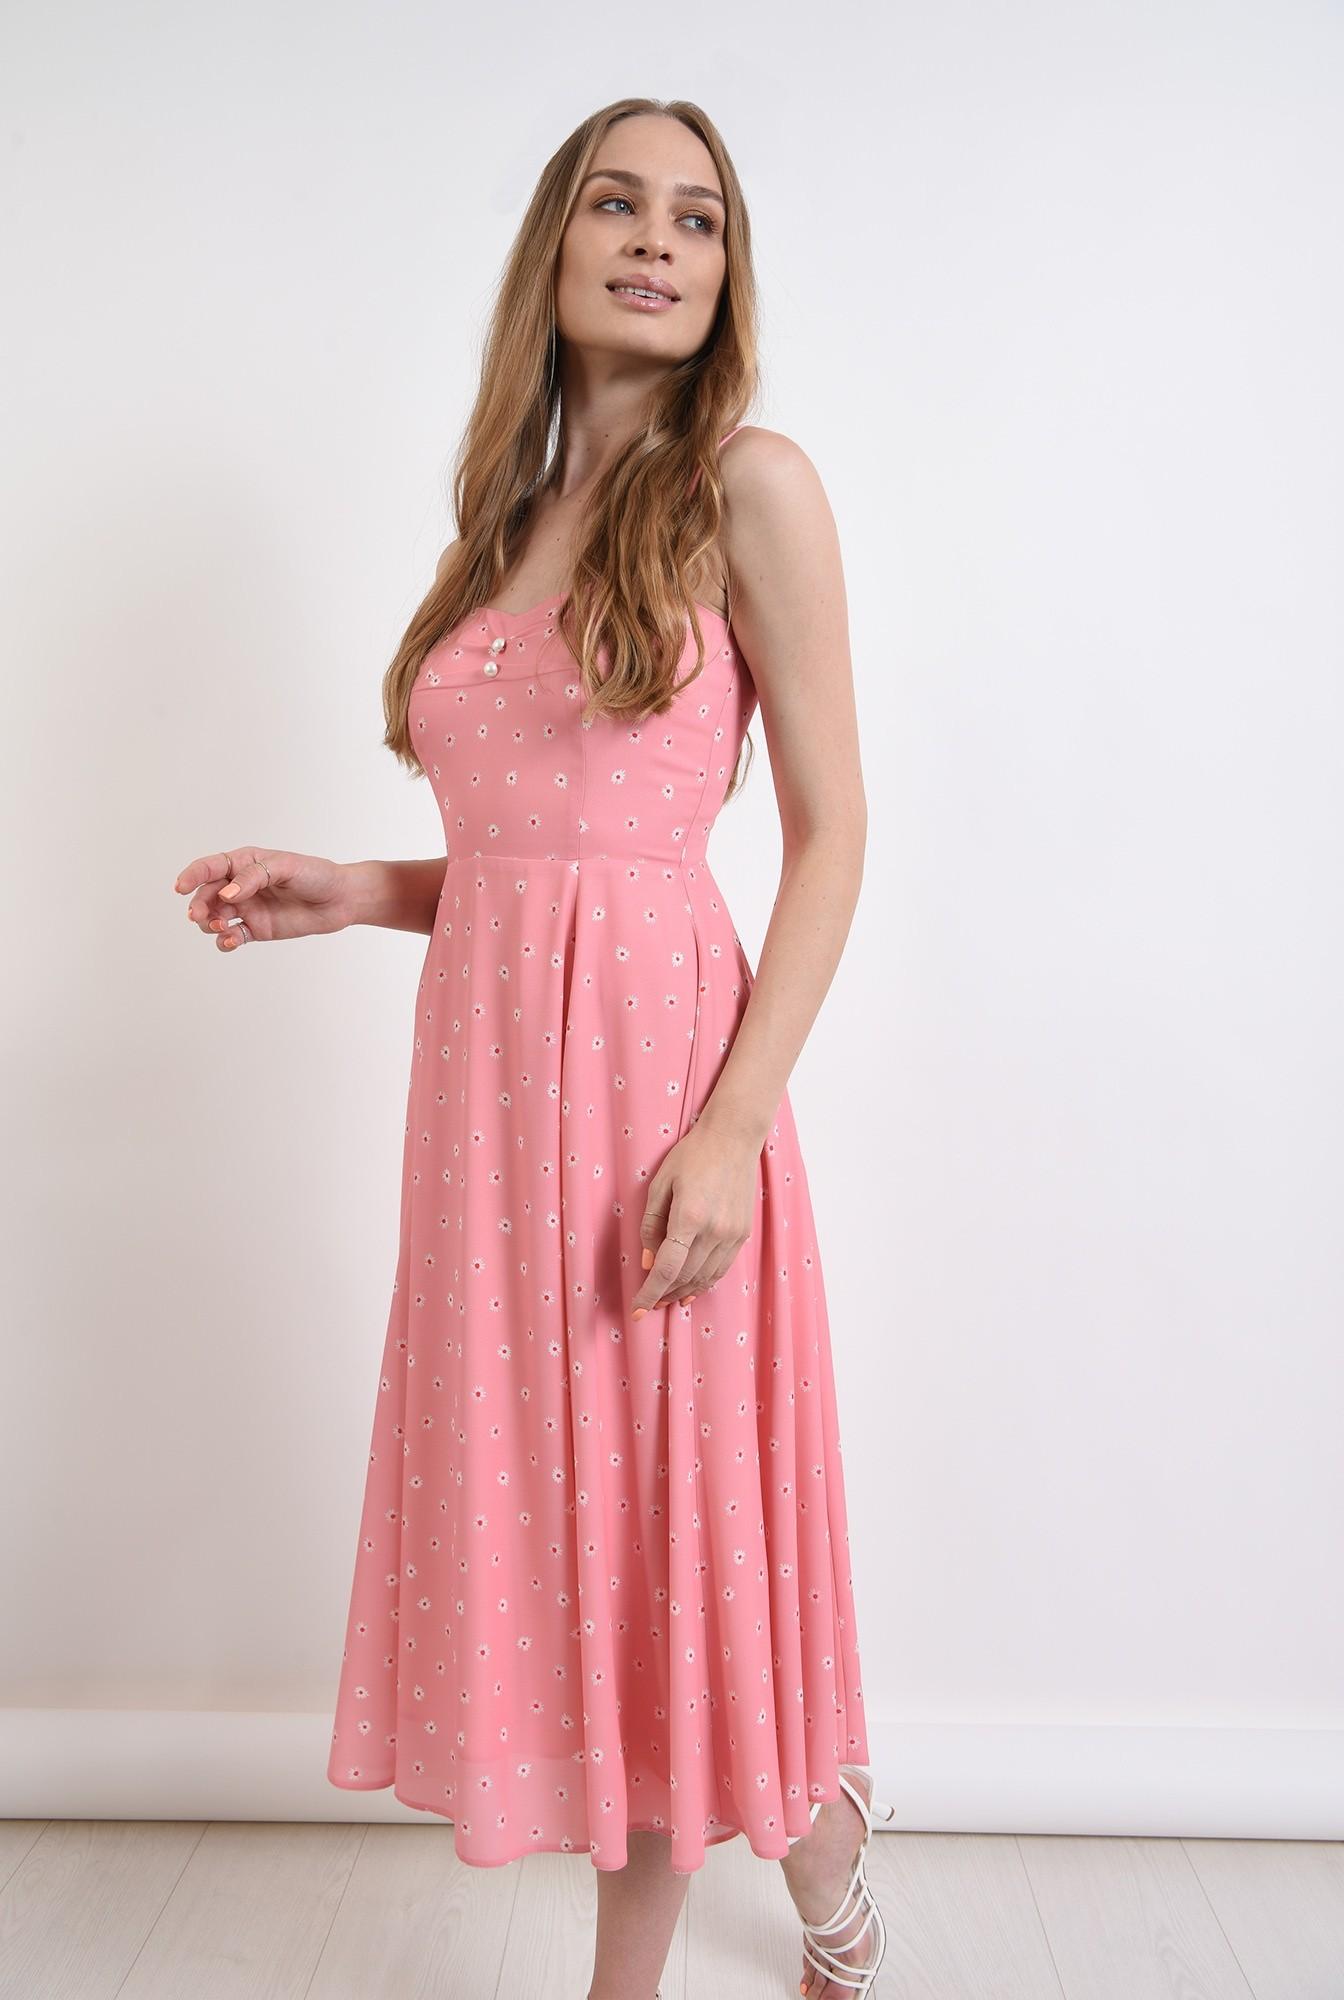 0 - rochie roz, cu print floral, cu nasturi perla